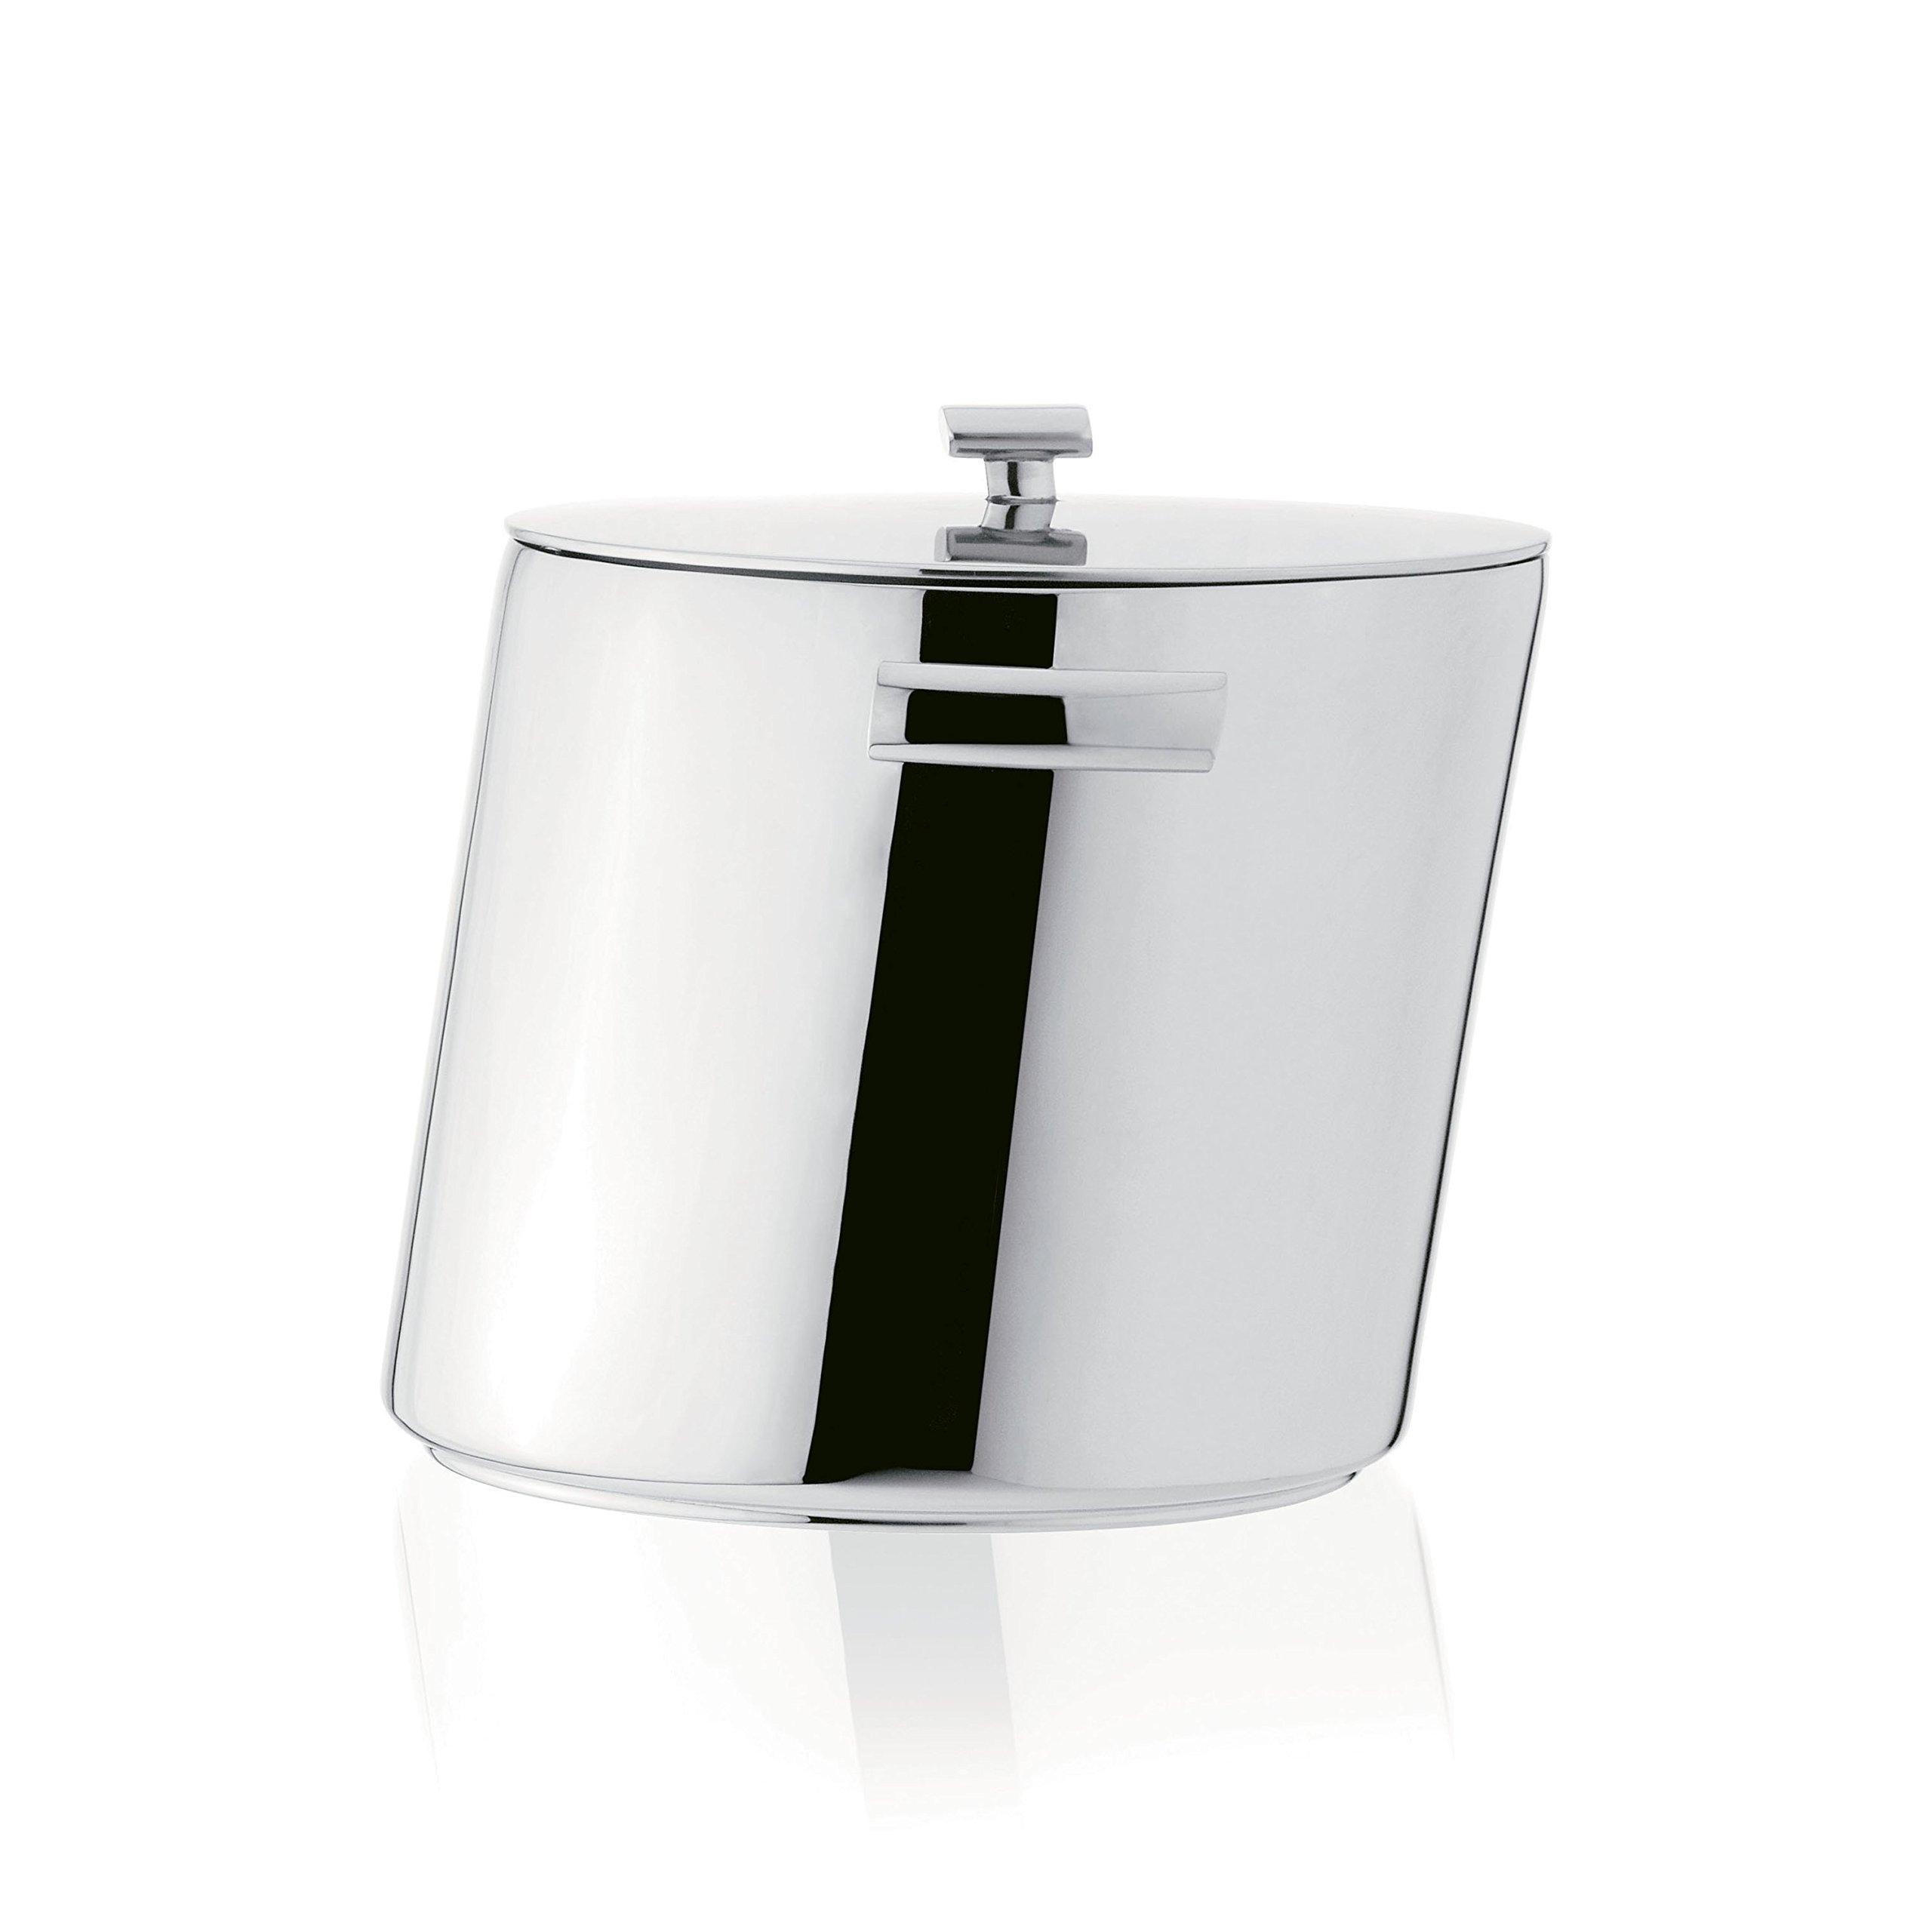 Broggi Zeta Ice-bucket Polished Steel